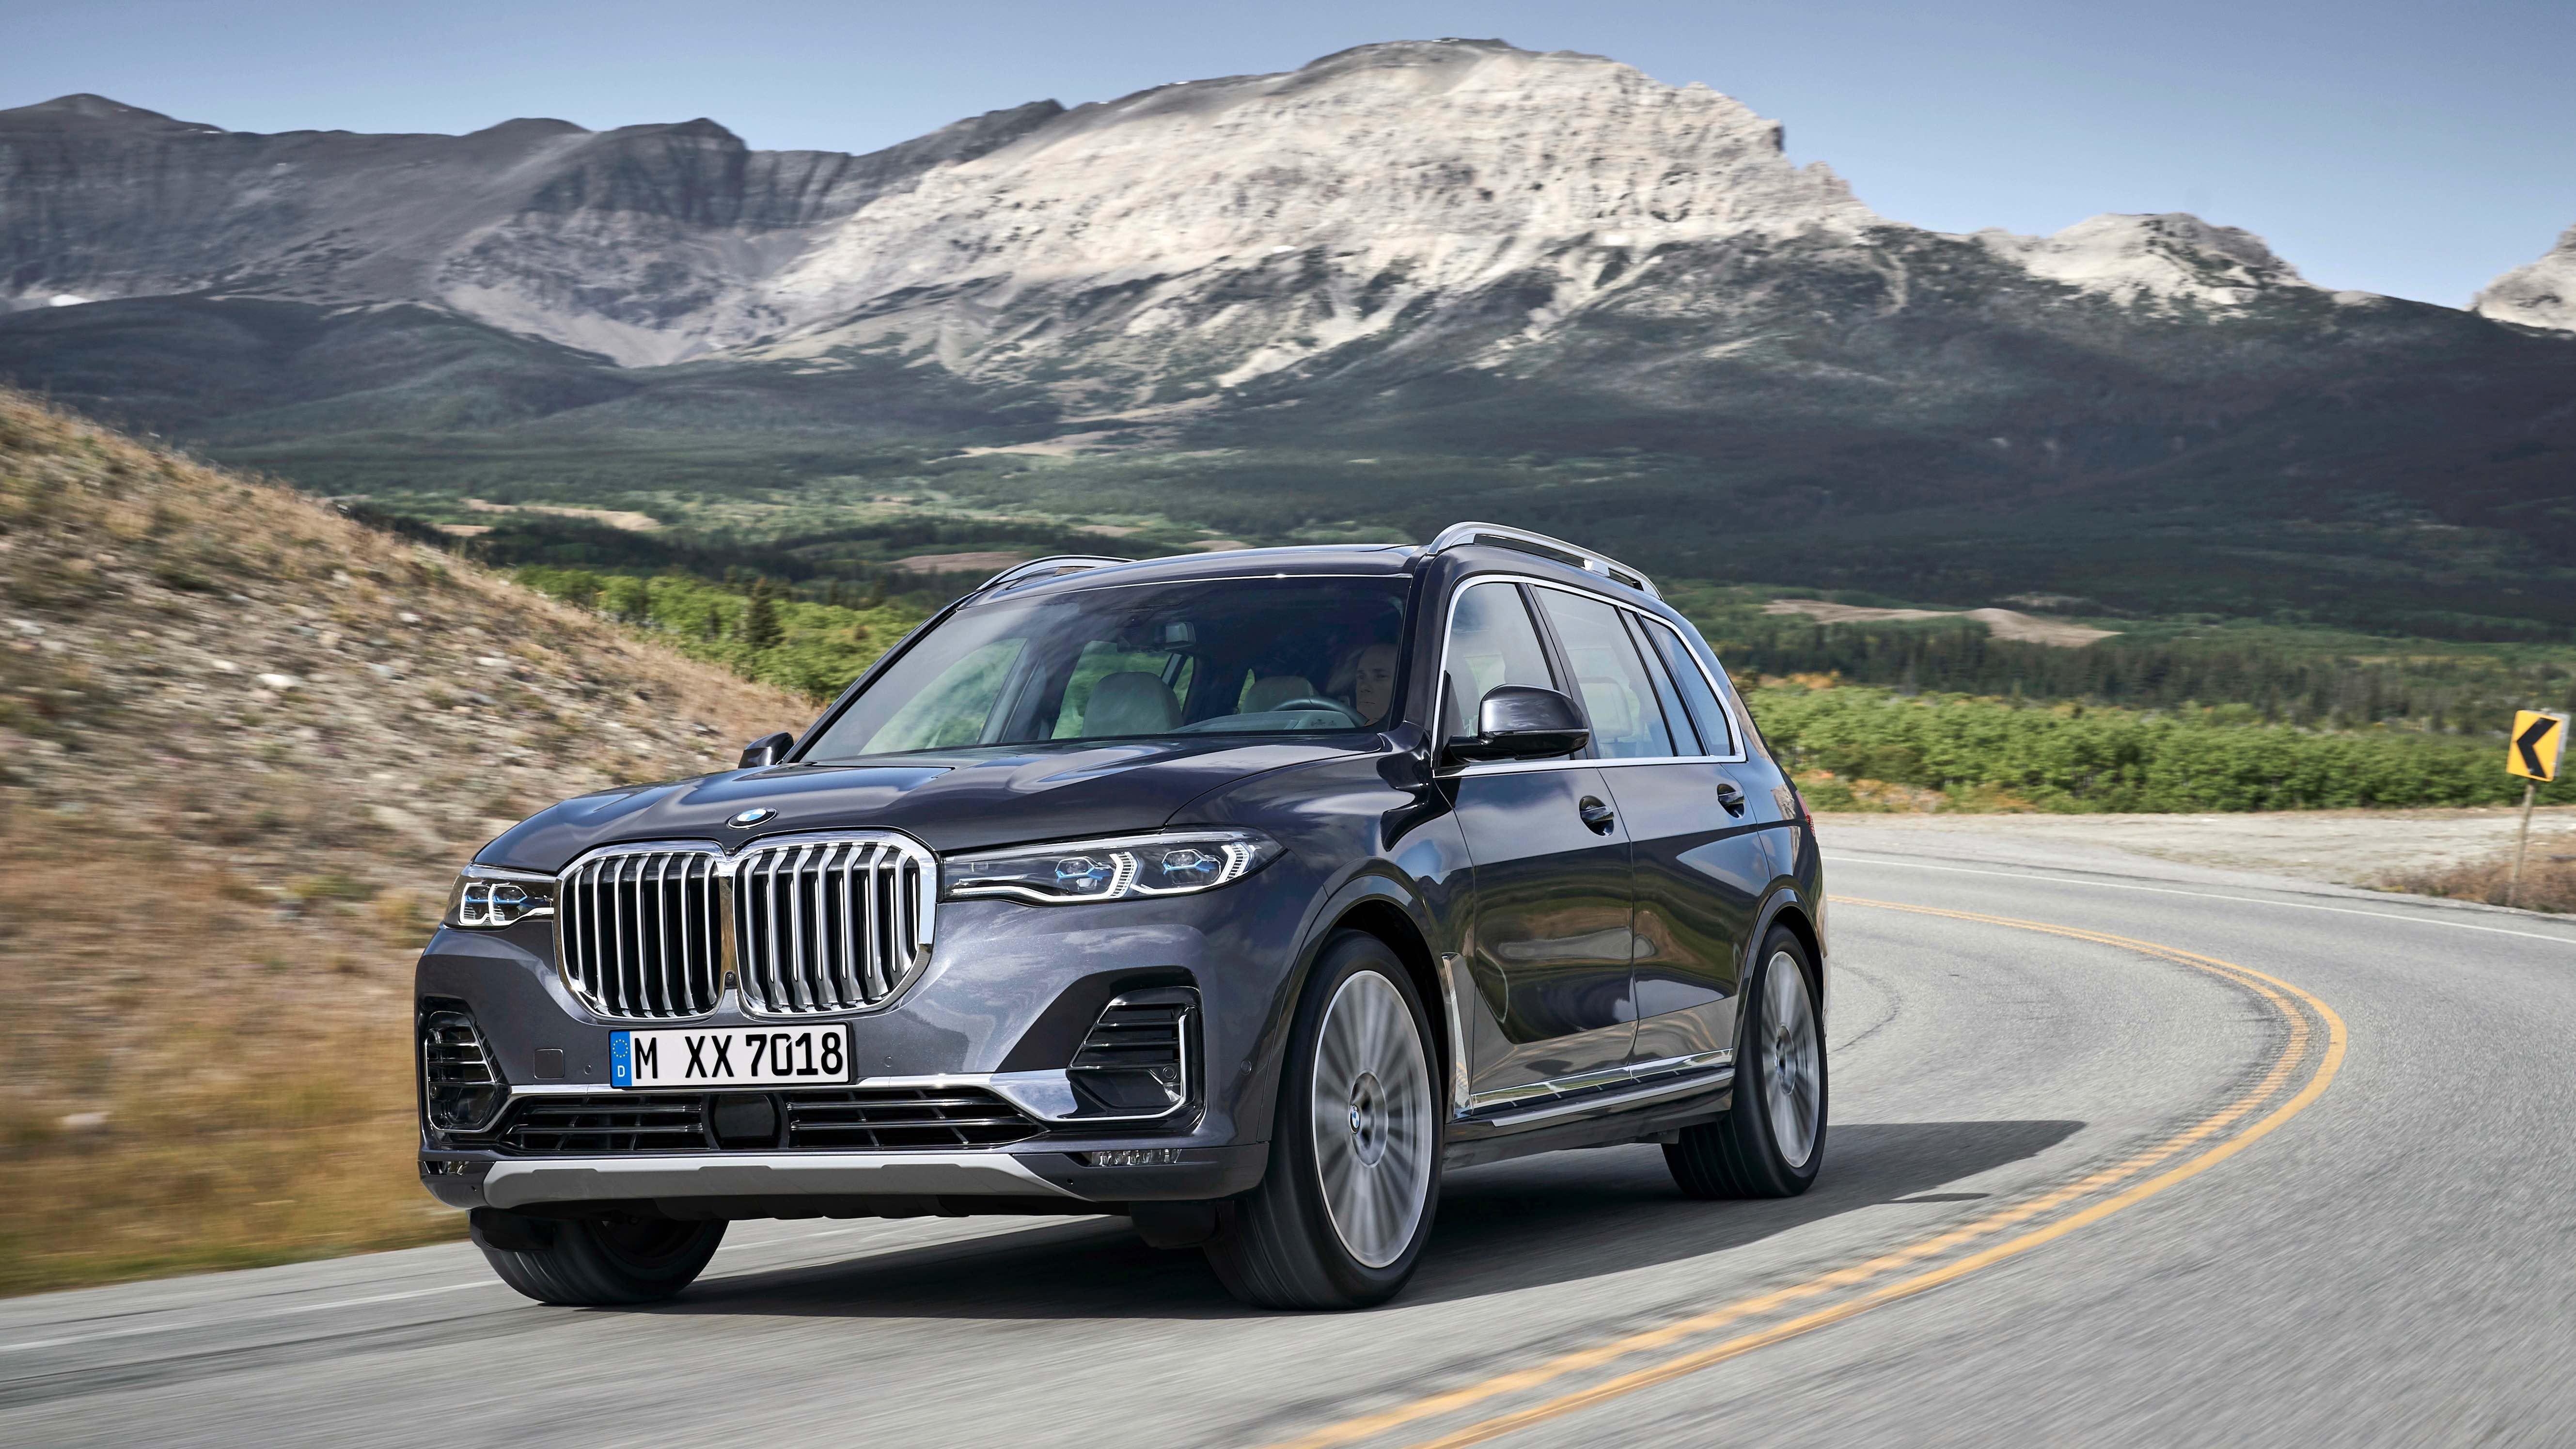 La BMW X7, la primera SUV tamaño grande producida su fabricante, llega tarde y es gigantesca